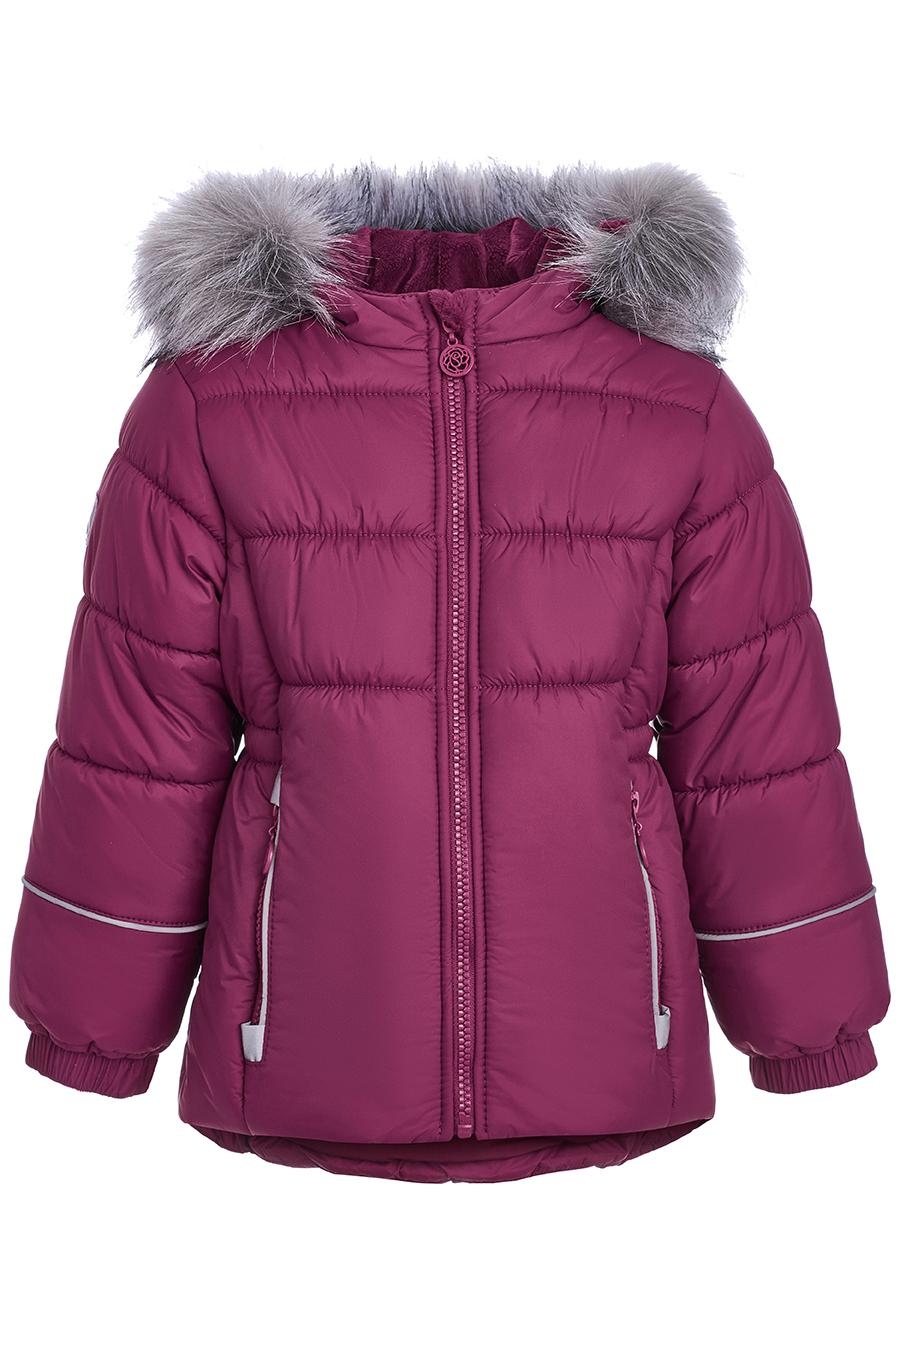 Куртка для девочек, отделка искусственный мех